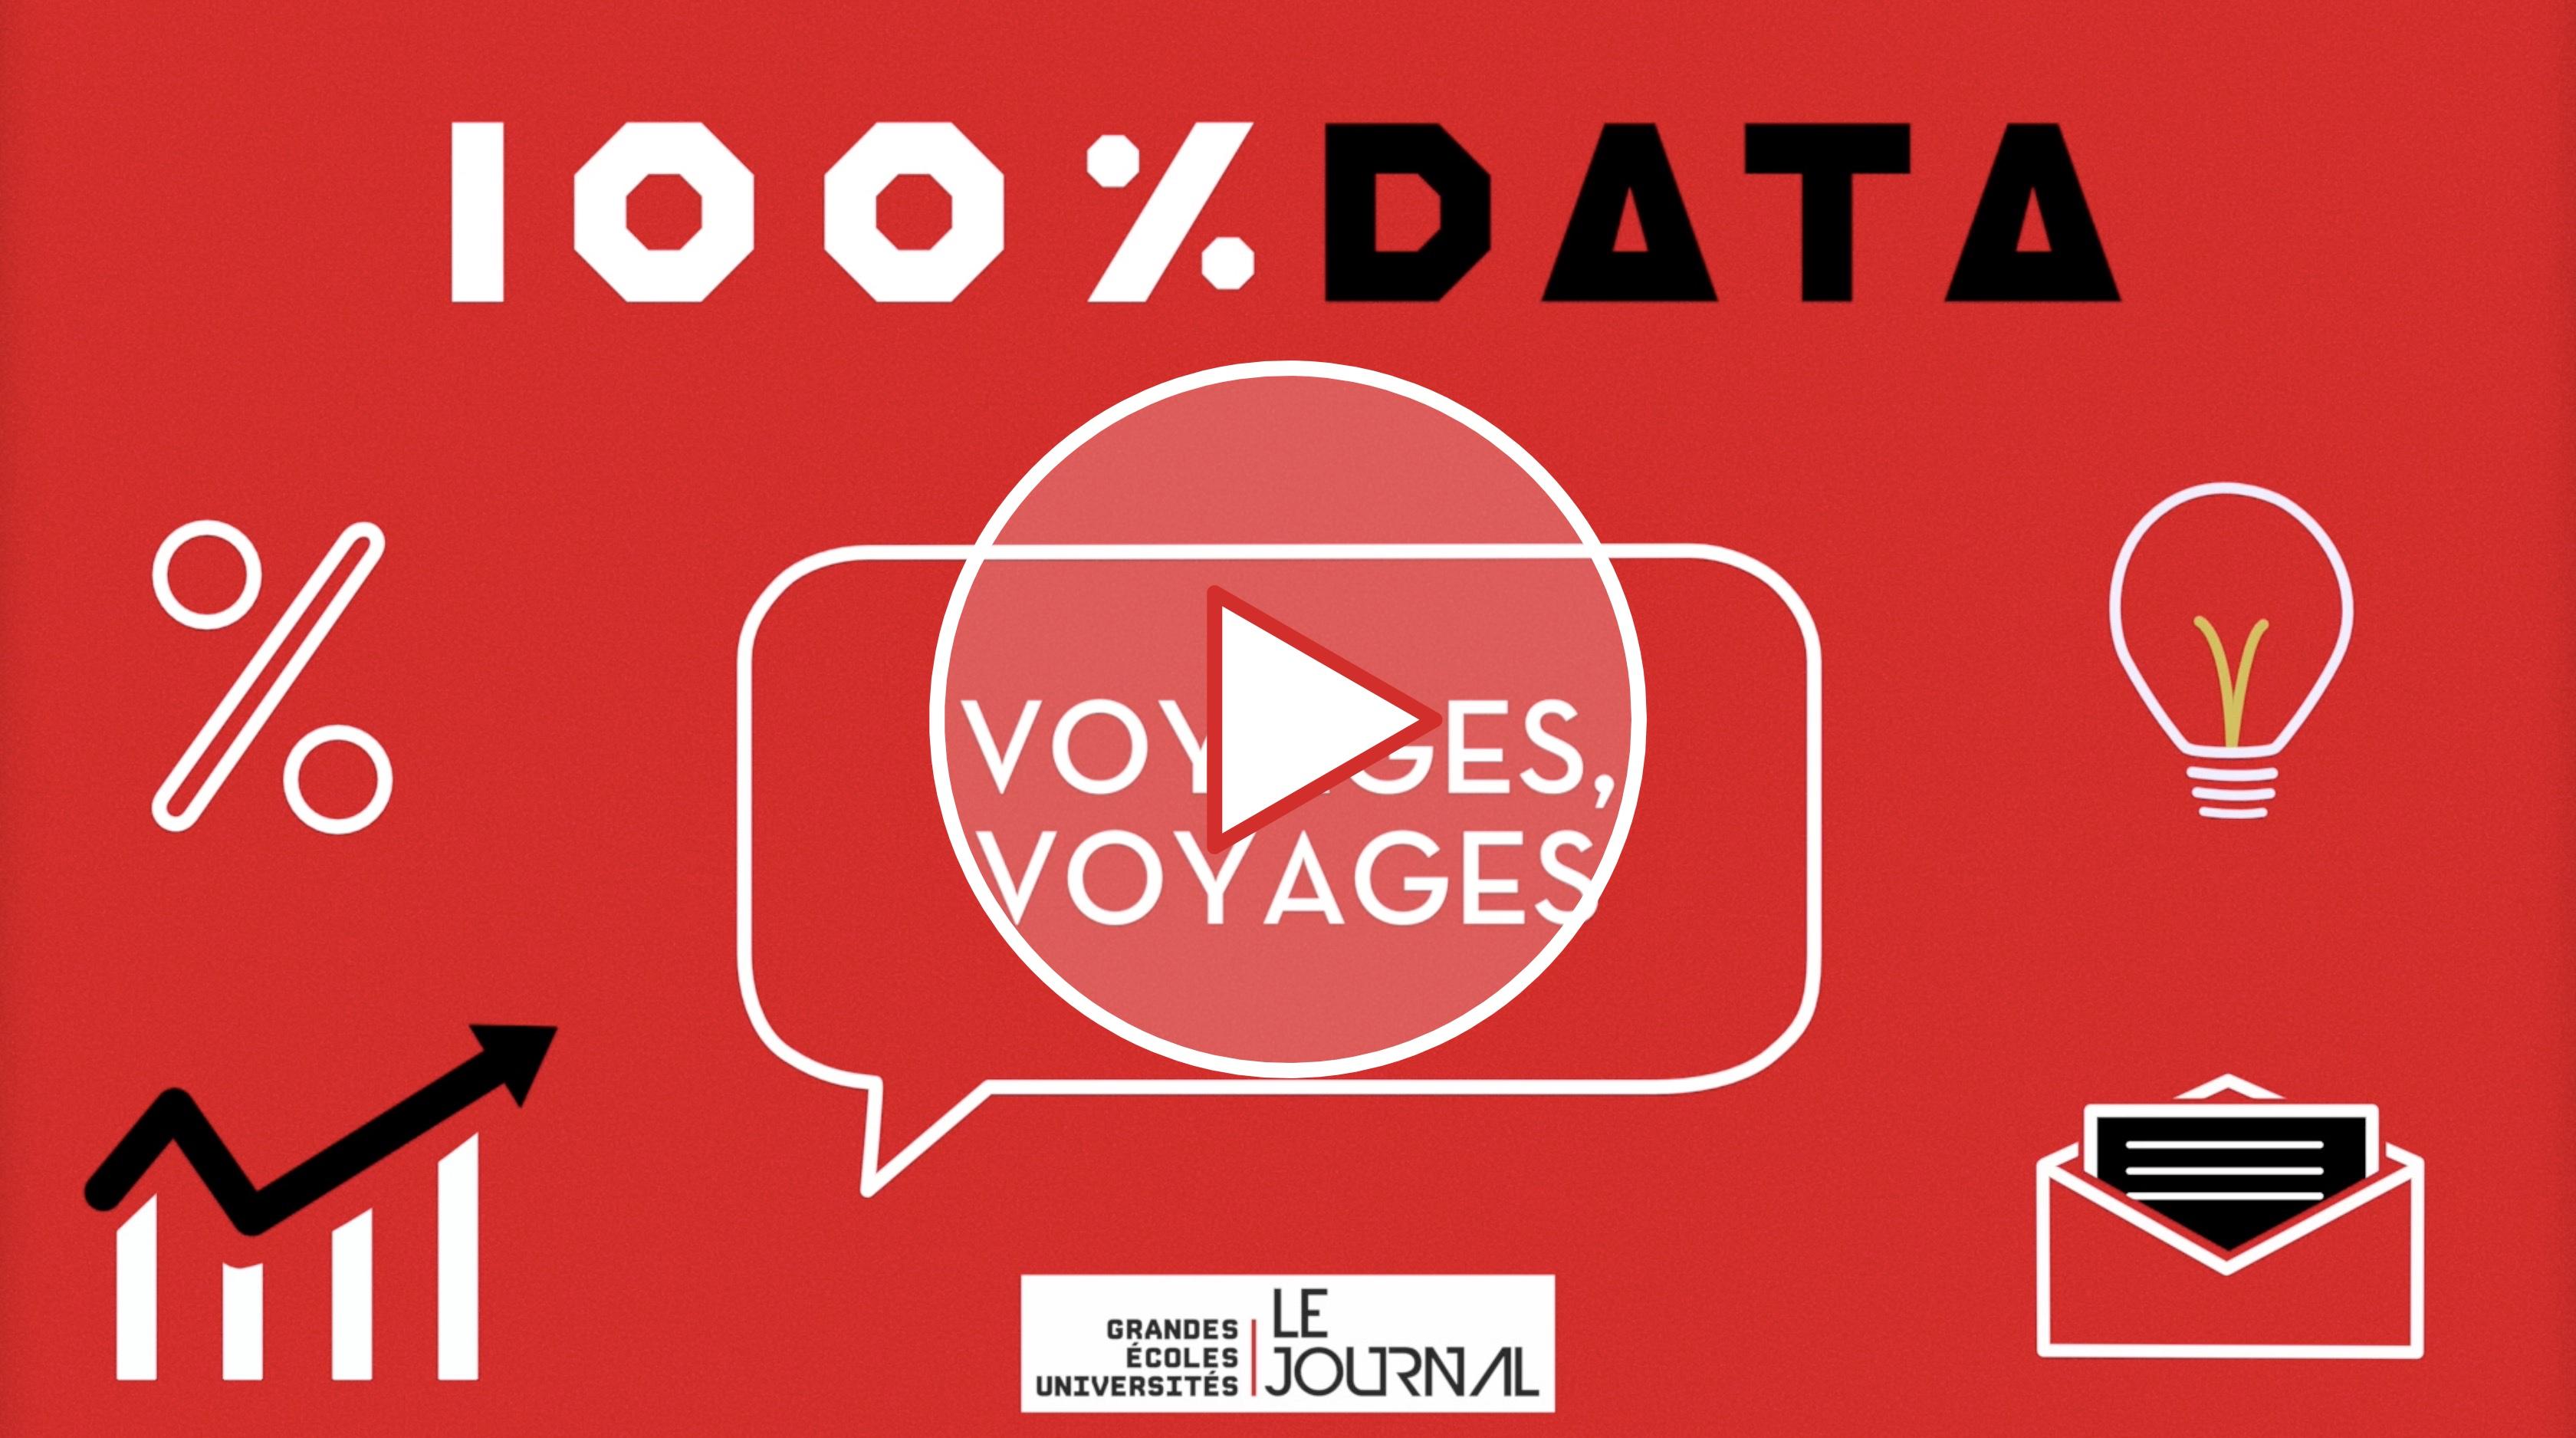 100 % data éco – Épisode 2 – Voyages, voyages